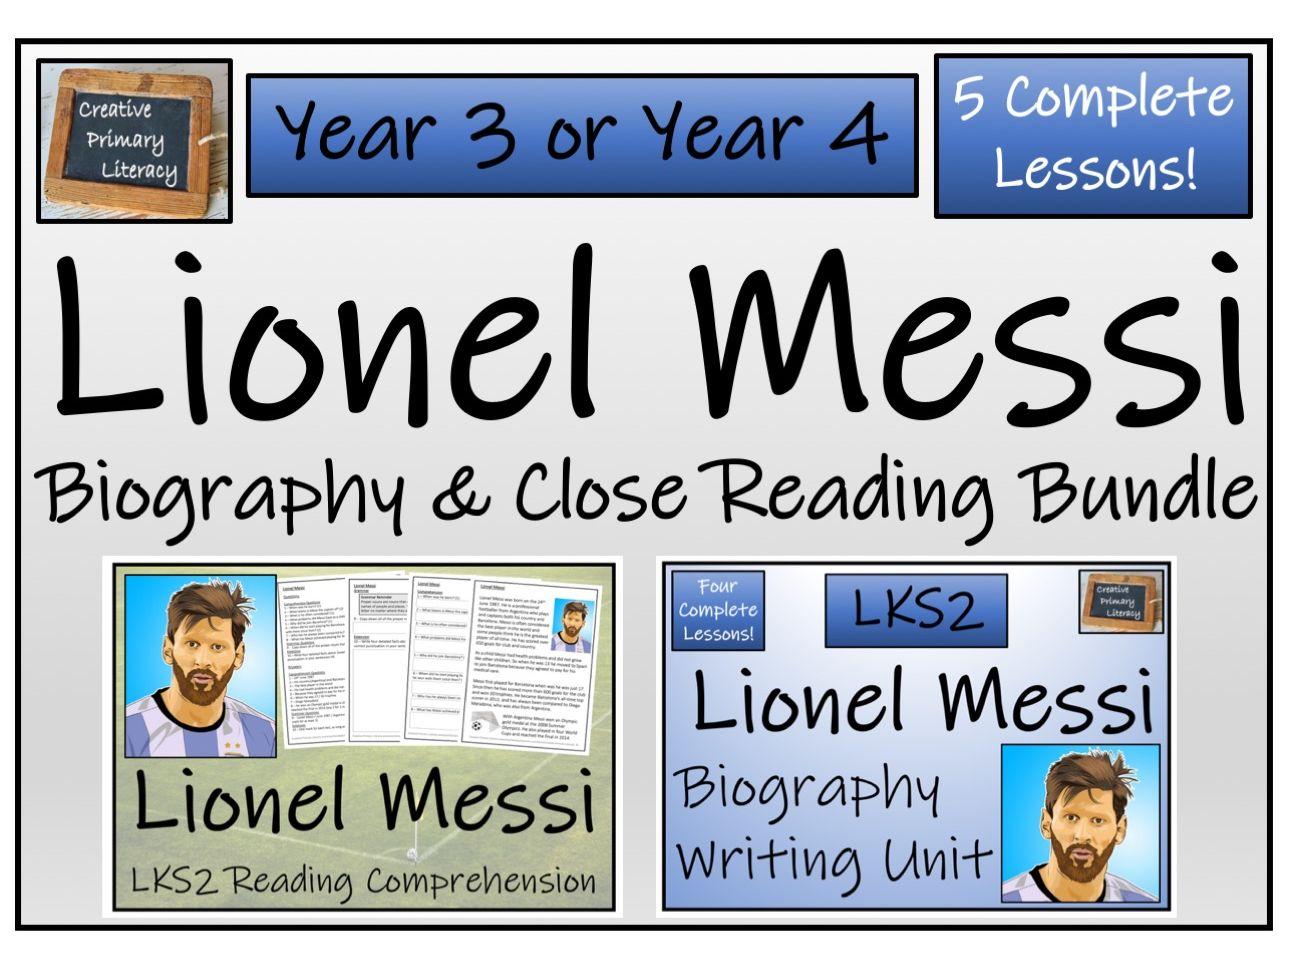 LKS2 - Lionel Messi Reading Comprehension & Biography Bundle